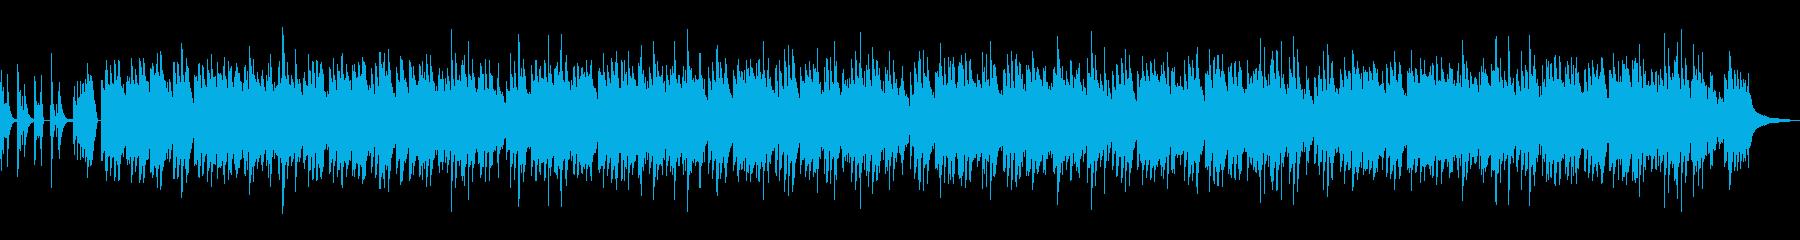 イントロ付郷愁のあるメロディのソロピアノの再生済みの波形